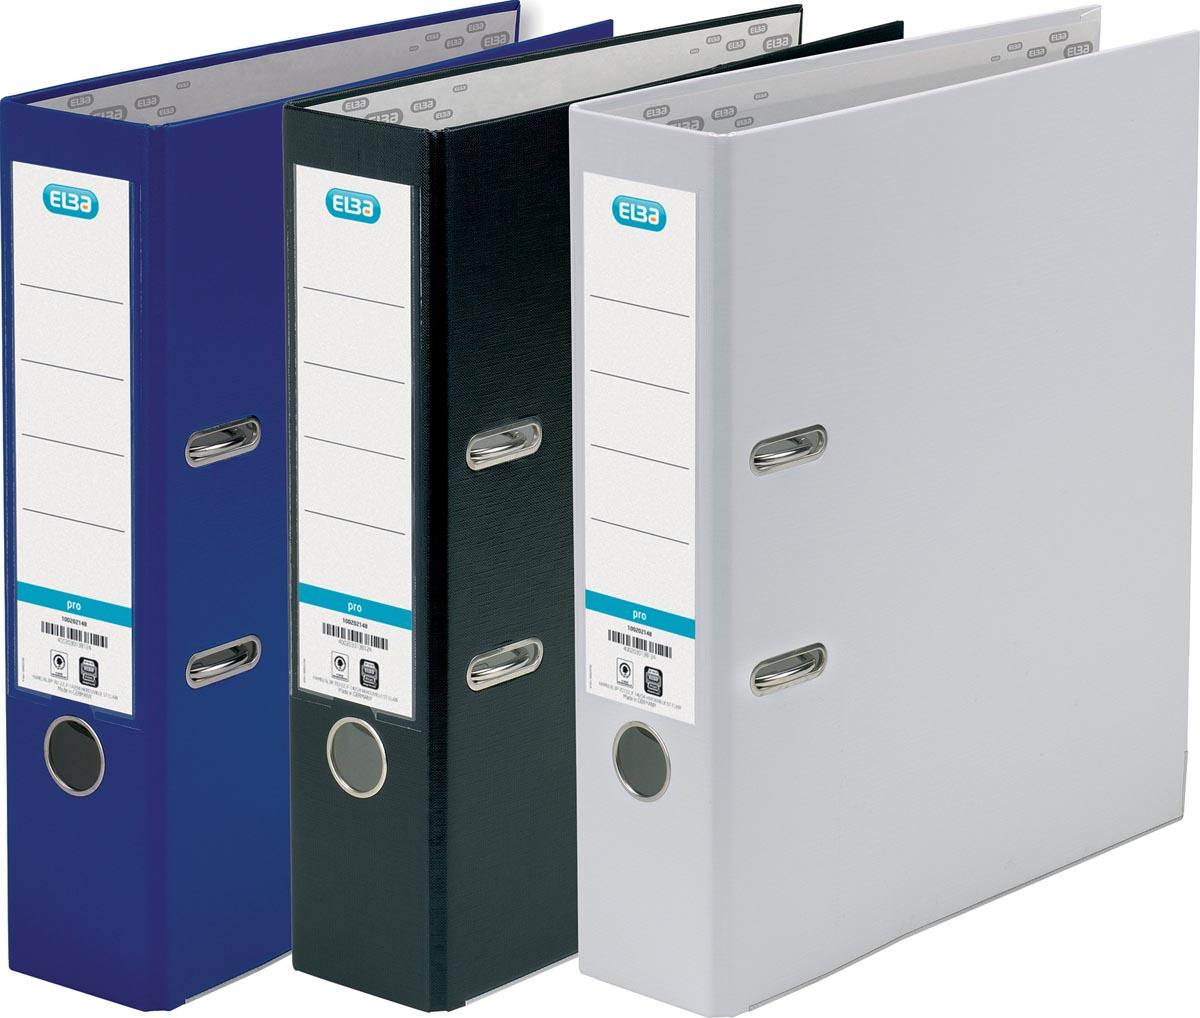 Elba ordner Smart Pro+, rug van 8 cm, pak van 3 stuks, geassorteerde kleuren: blauw, zwart en wit